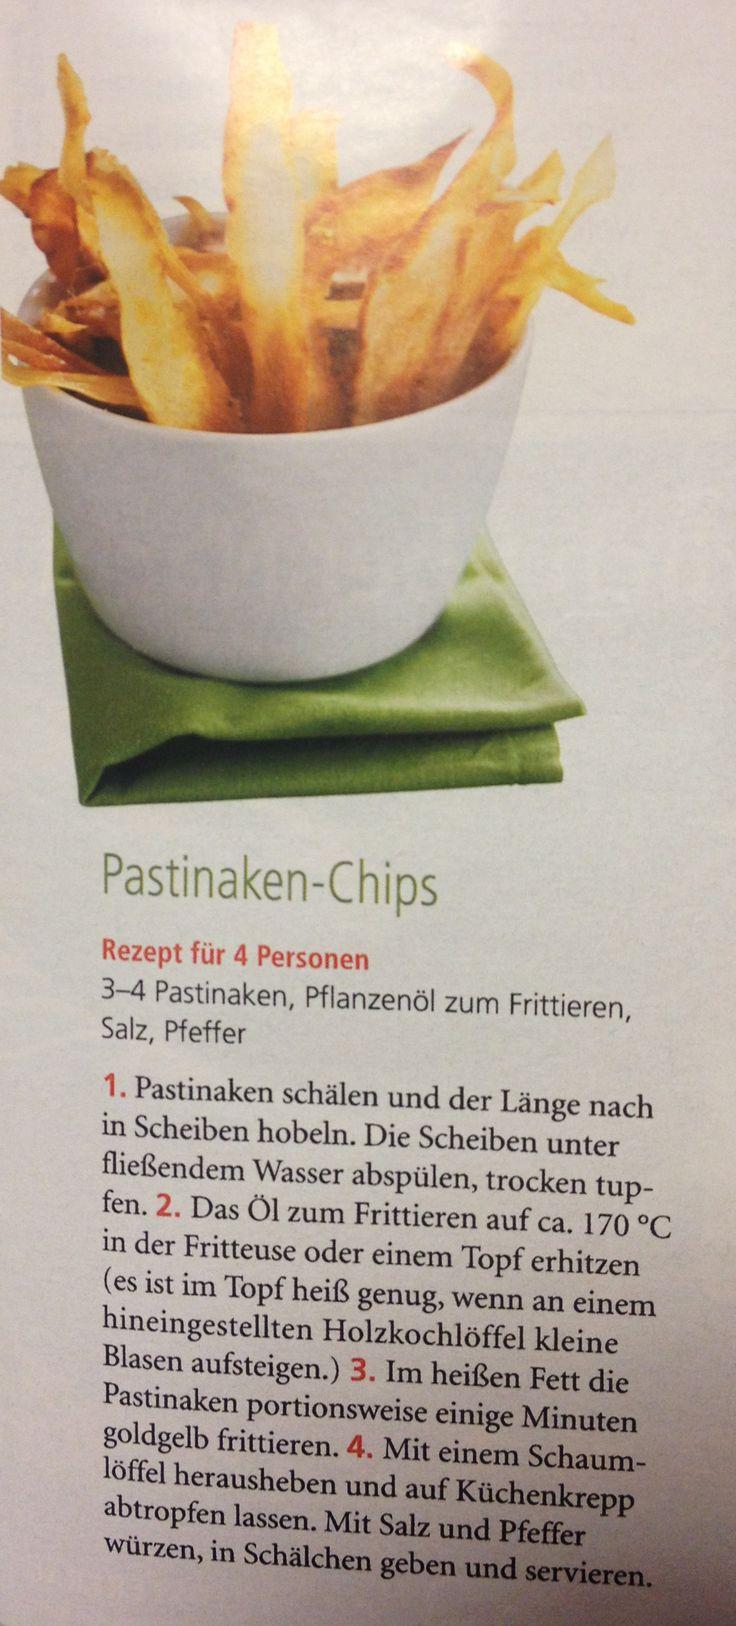 Great Pastinaken Chips aus der Zeitschrift Mein sch ner Garten